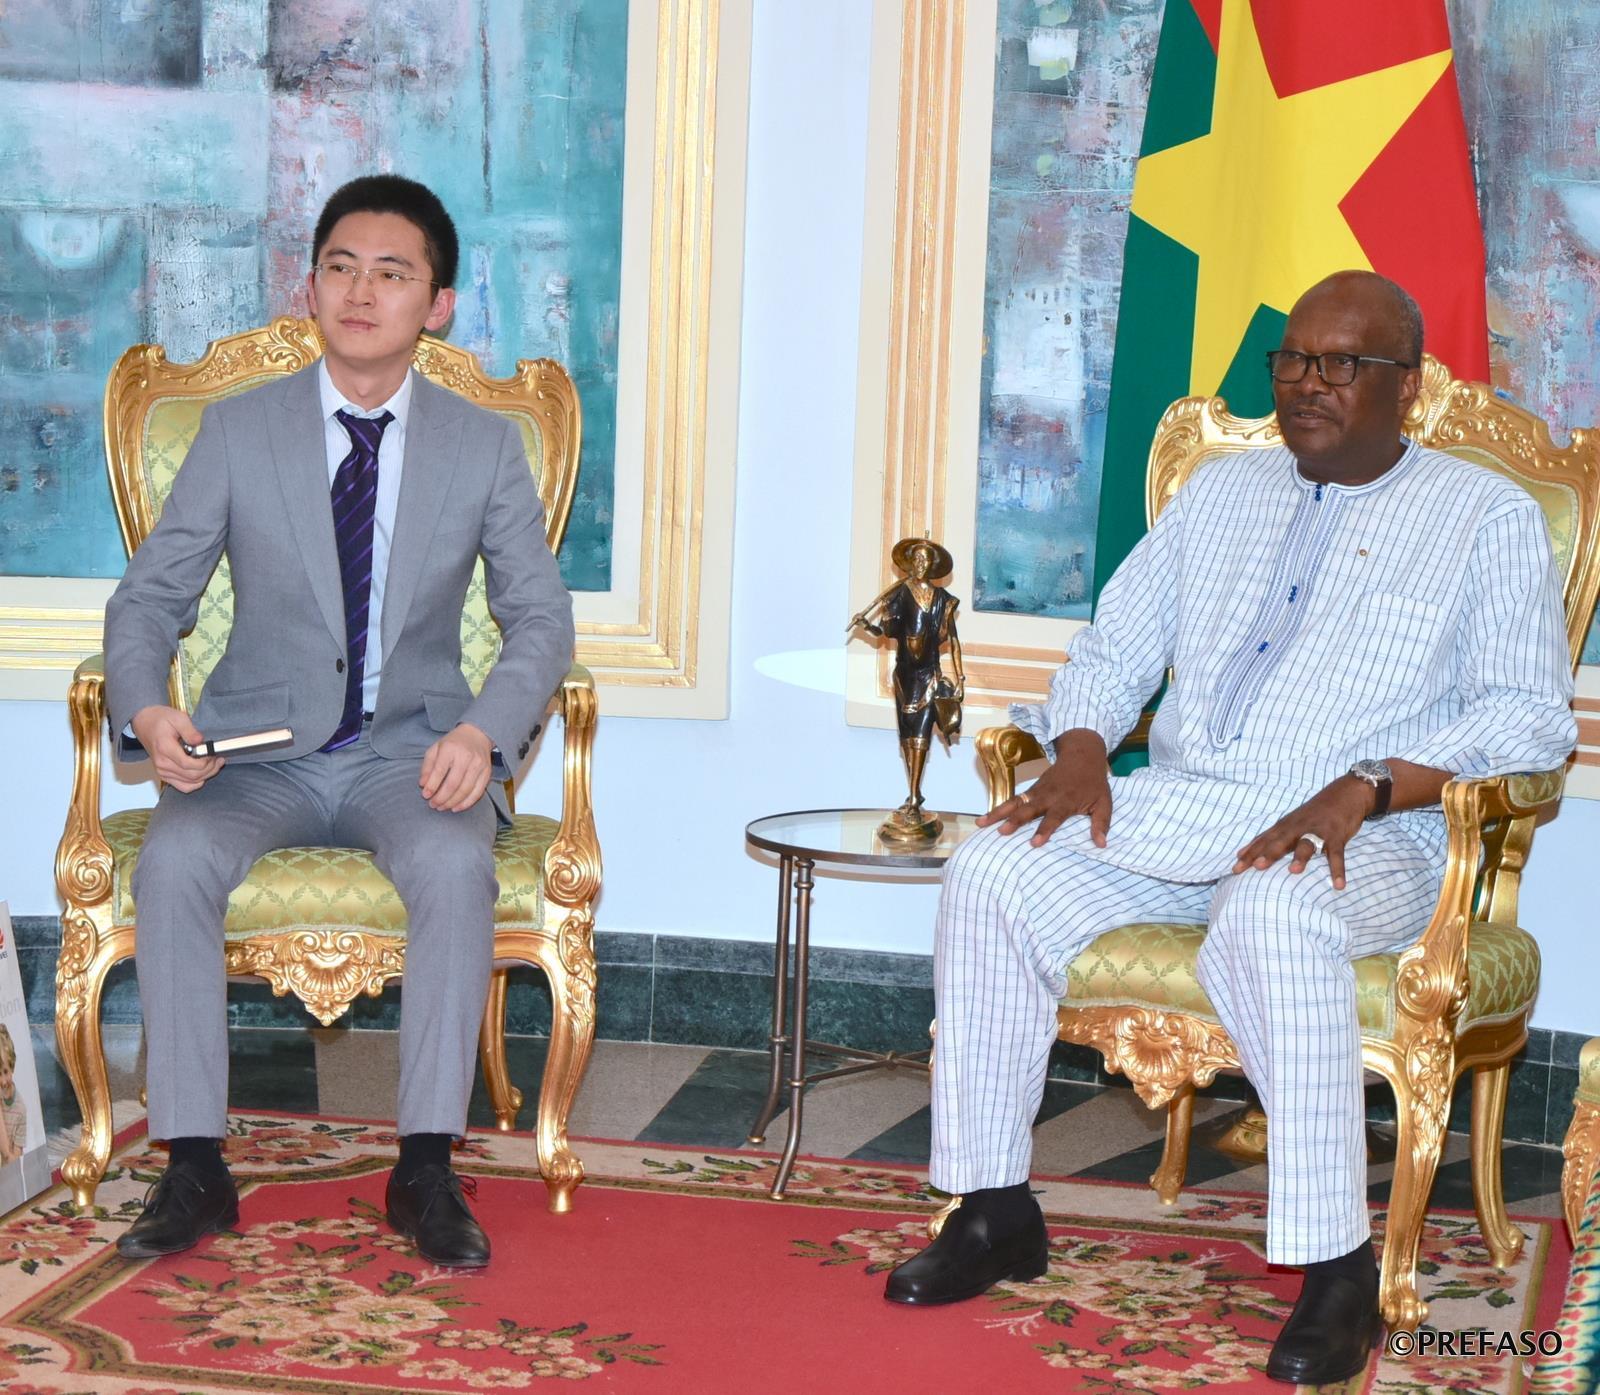 Développement de réseaux Internet et de téléphonie : Huawei présente sa nouvelle équipe dirigeante pour l'Afrique de l'Ouest au président du Faso.